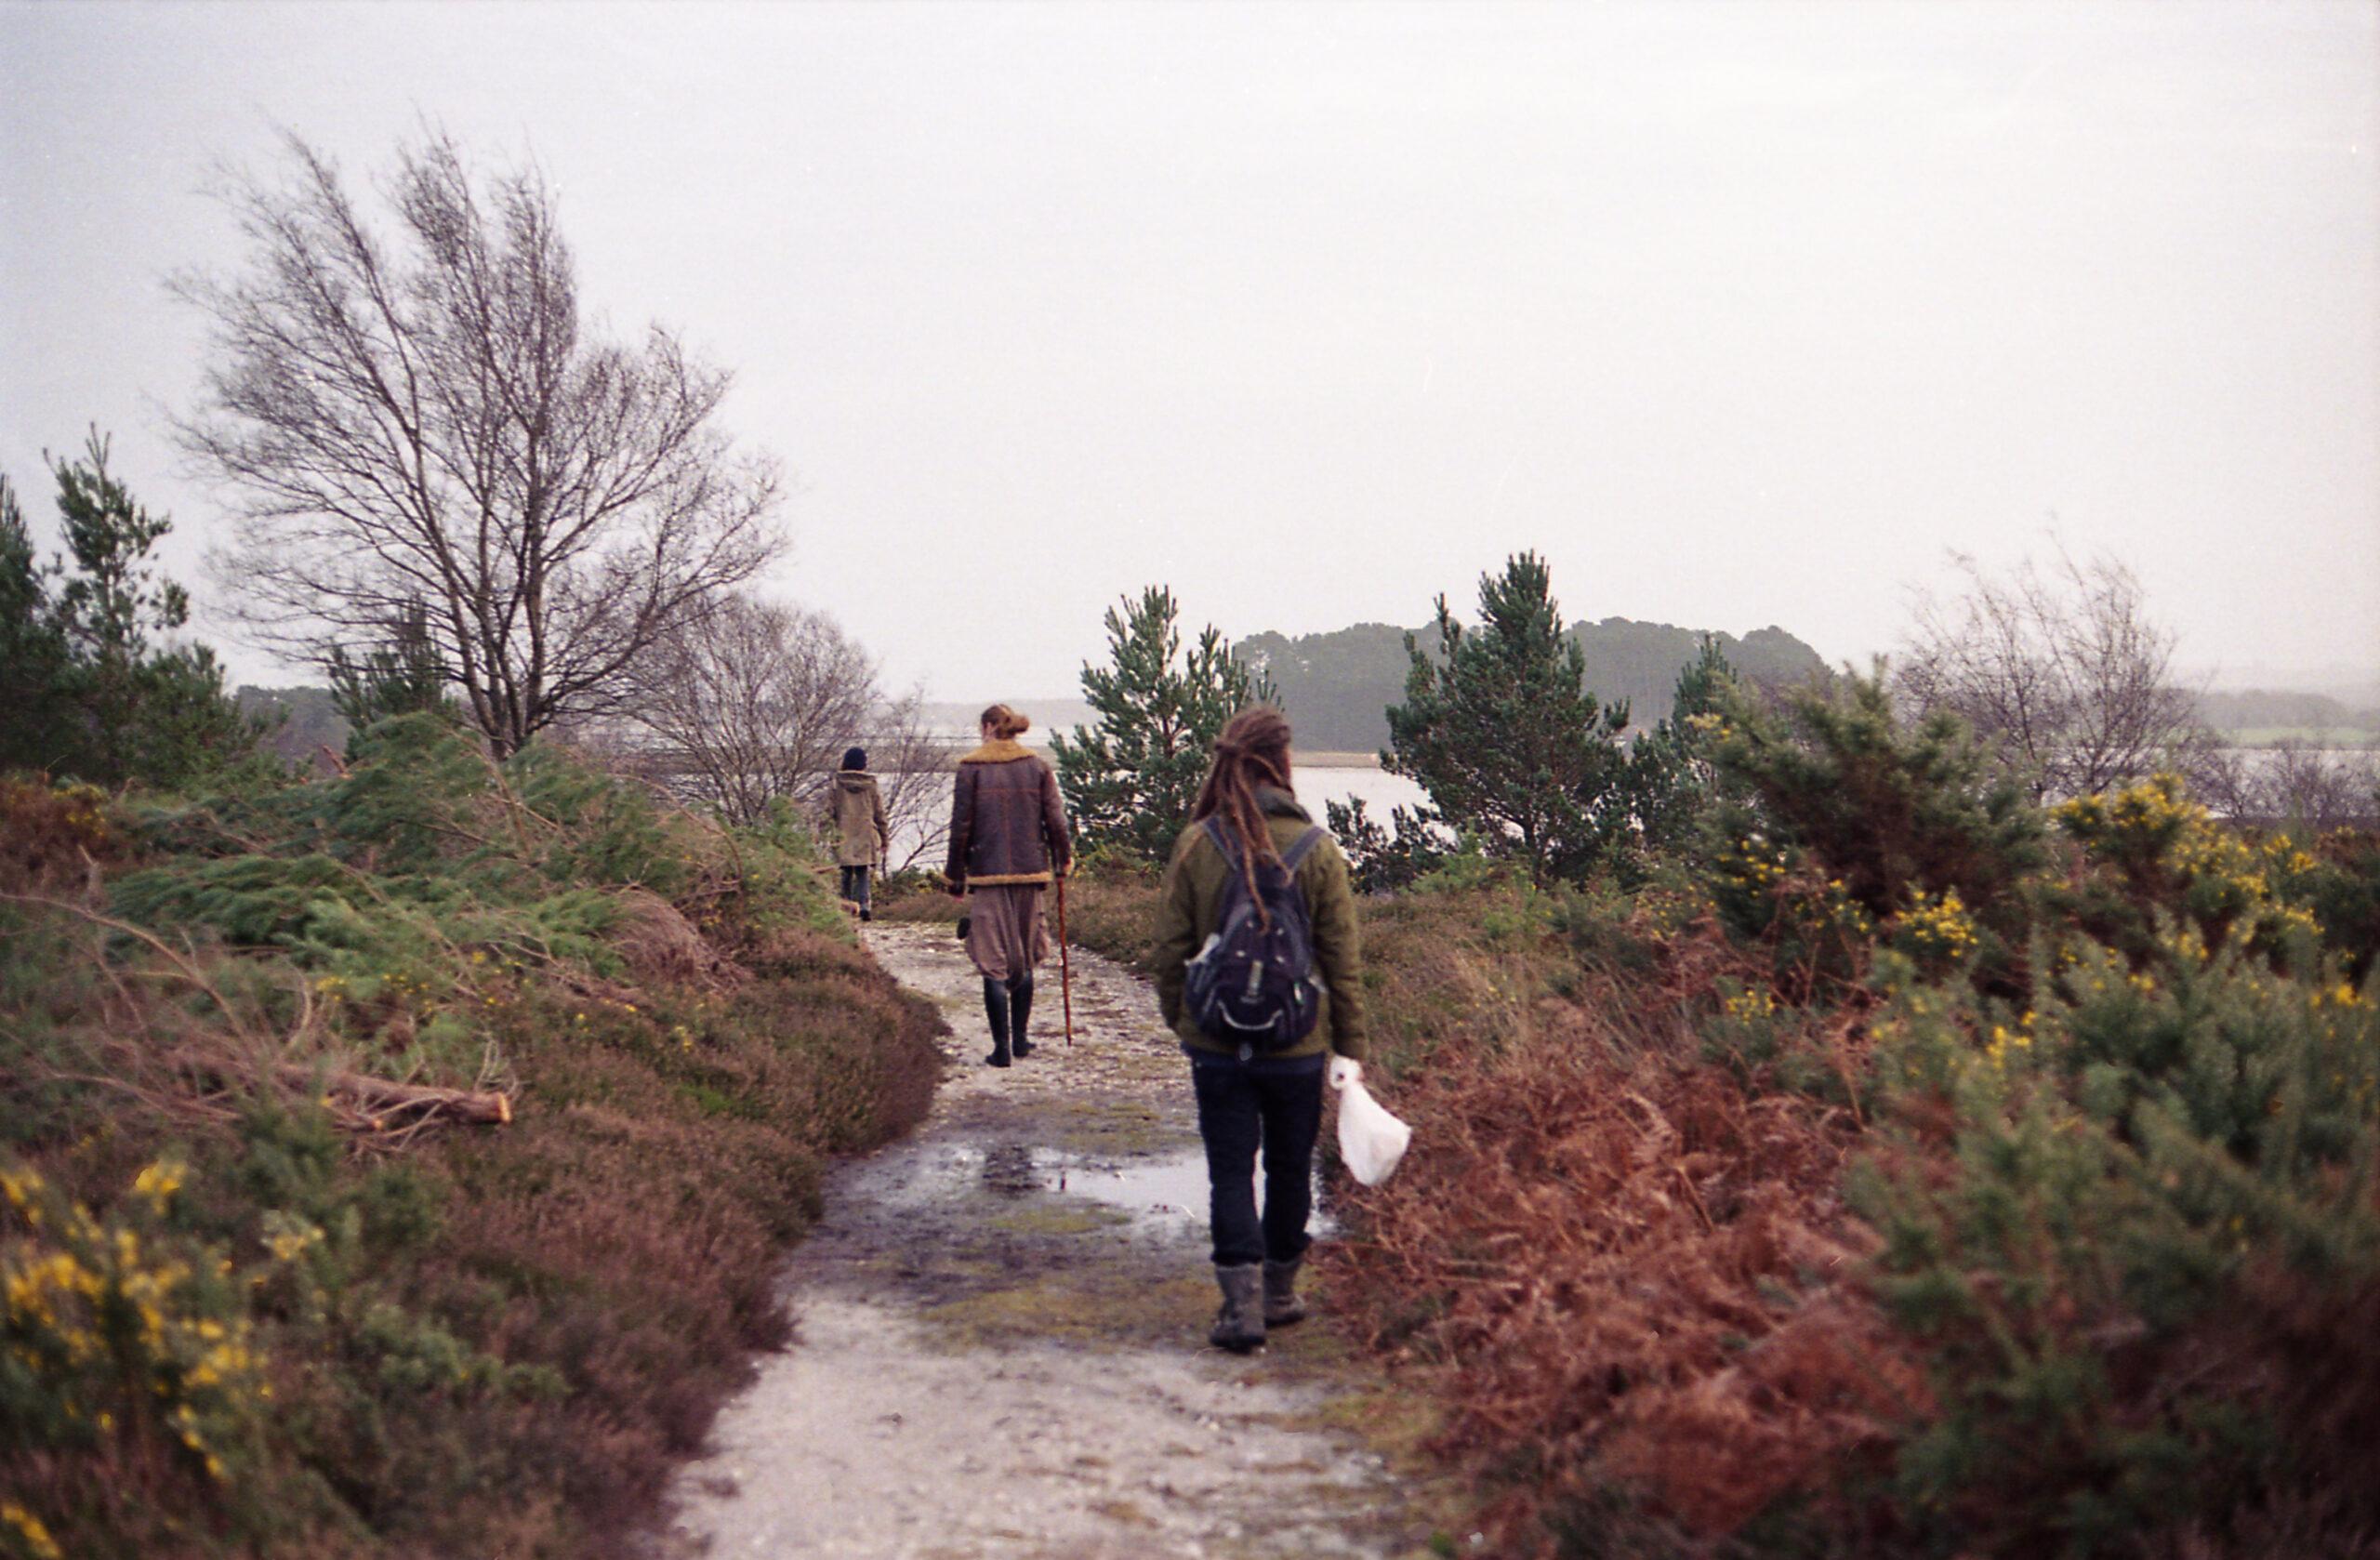 In a line | Shipstal Hill Circular Walk